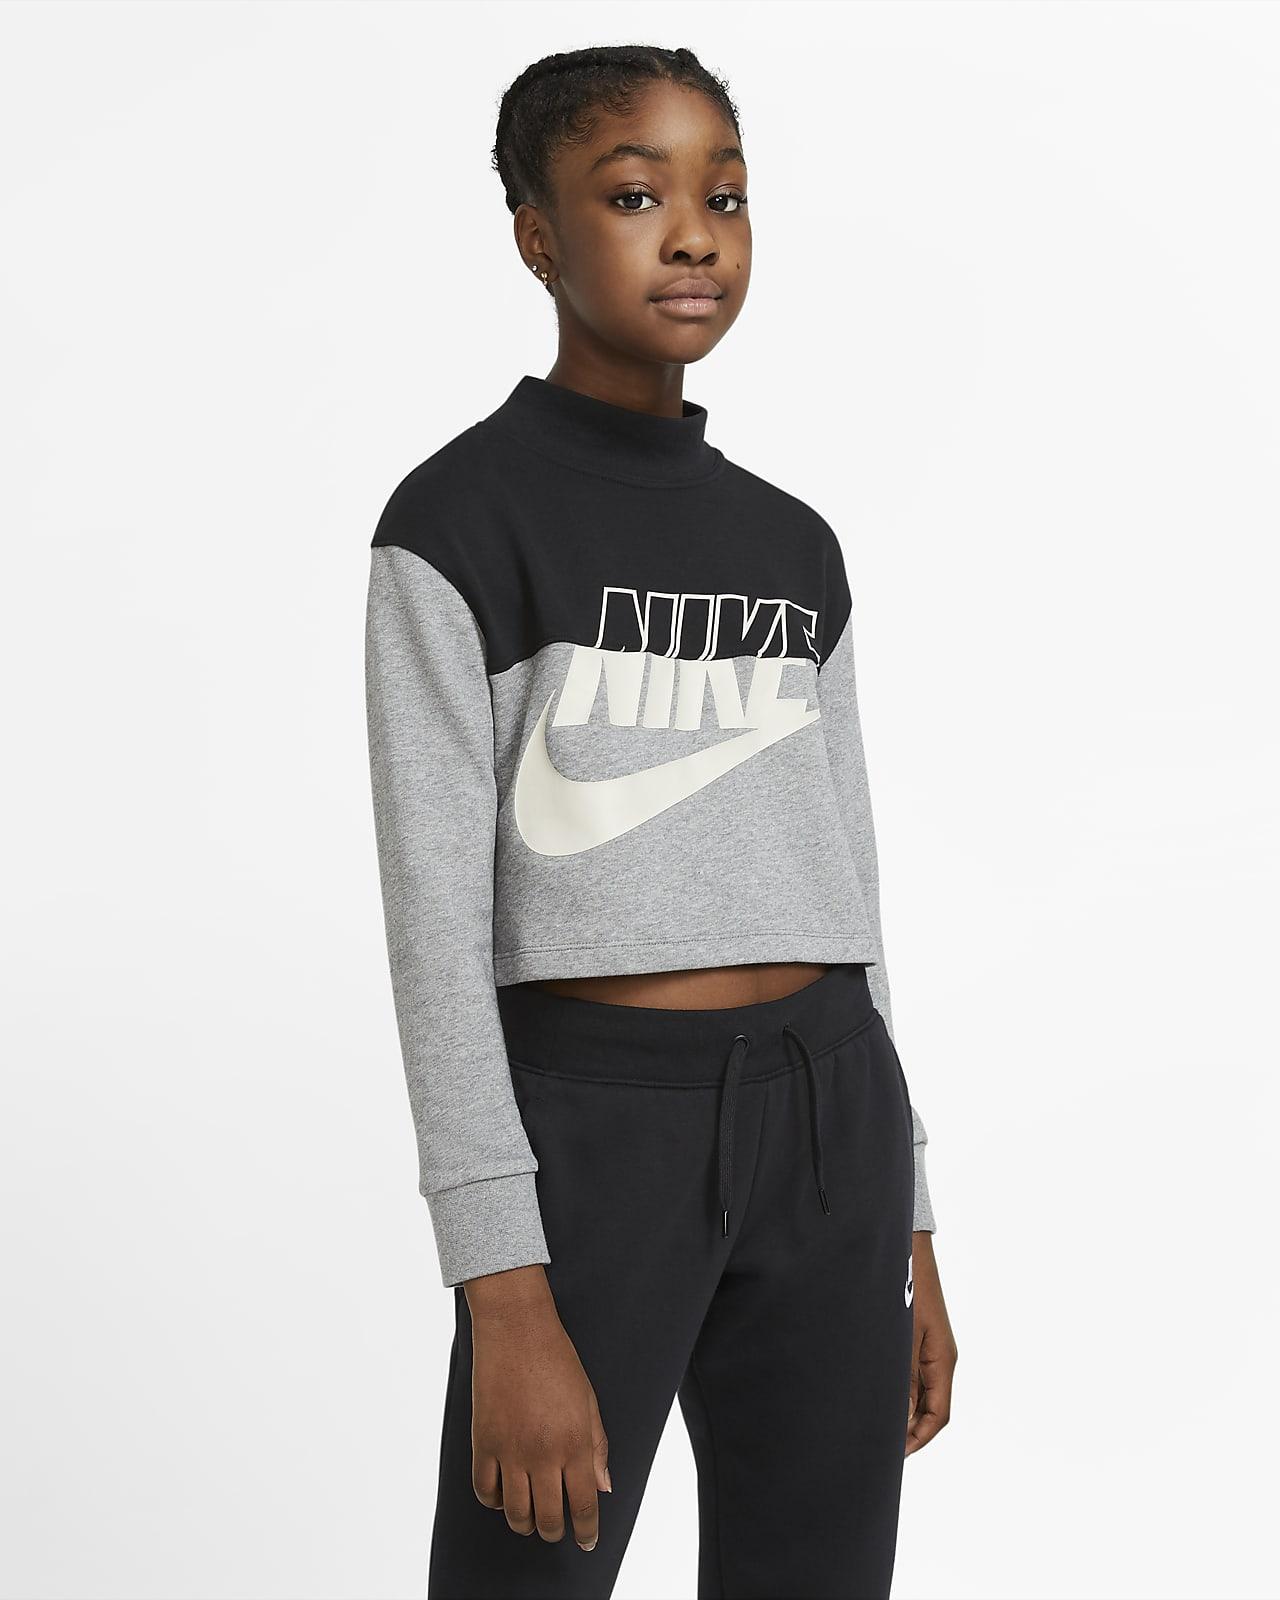 Bluza z dzianiny dresowej o skróconym kroju dla dużych dzieci (dziewcząt) Nike Sportswear